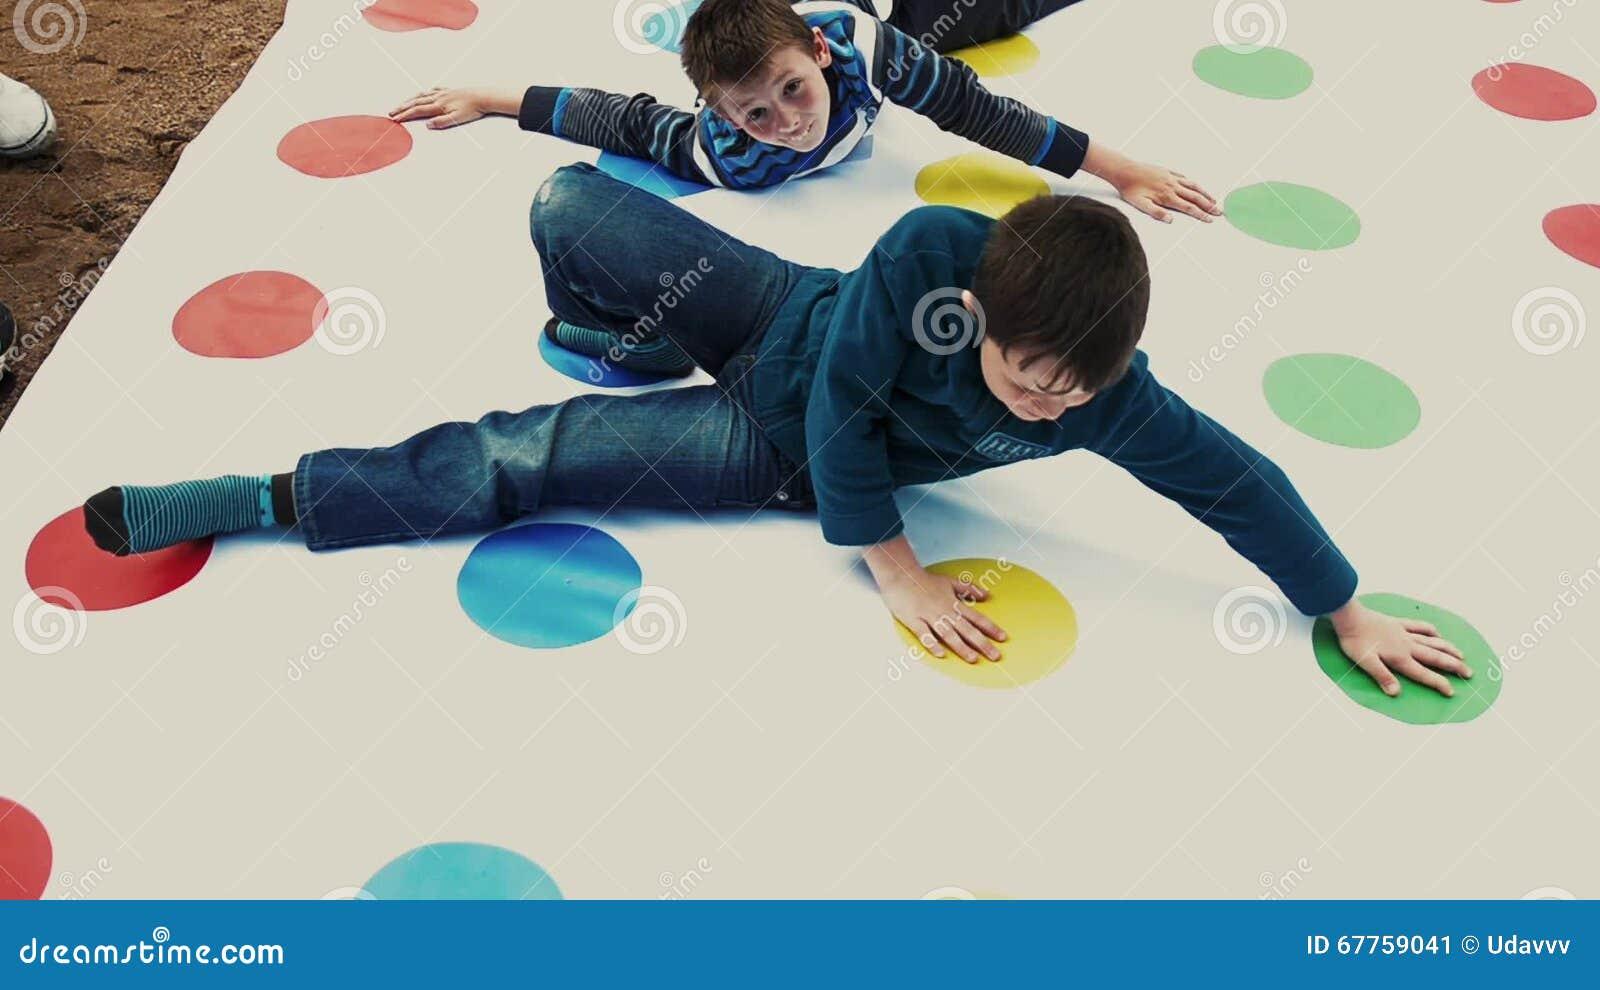 Twist games